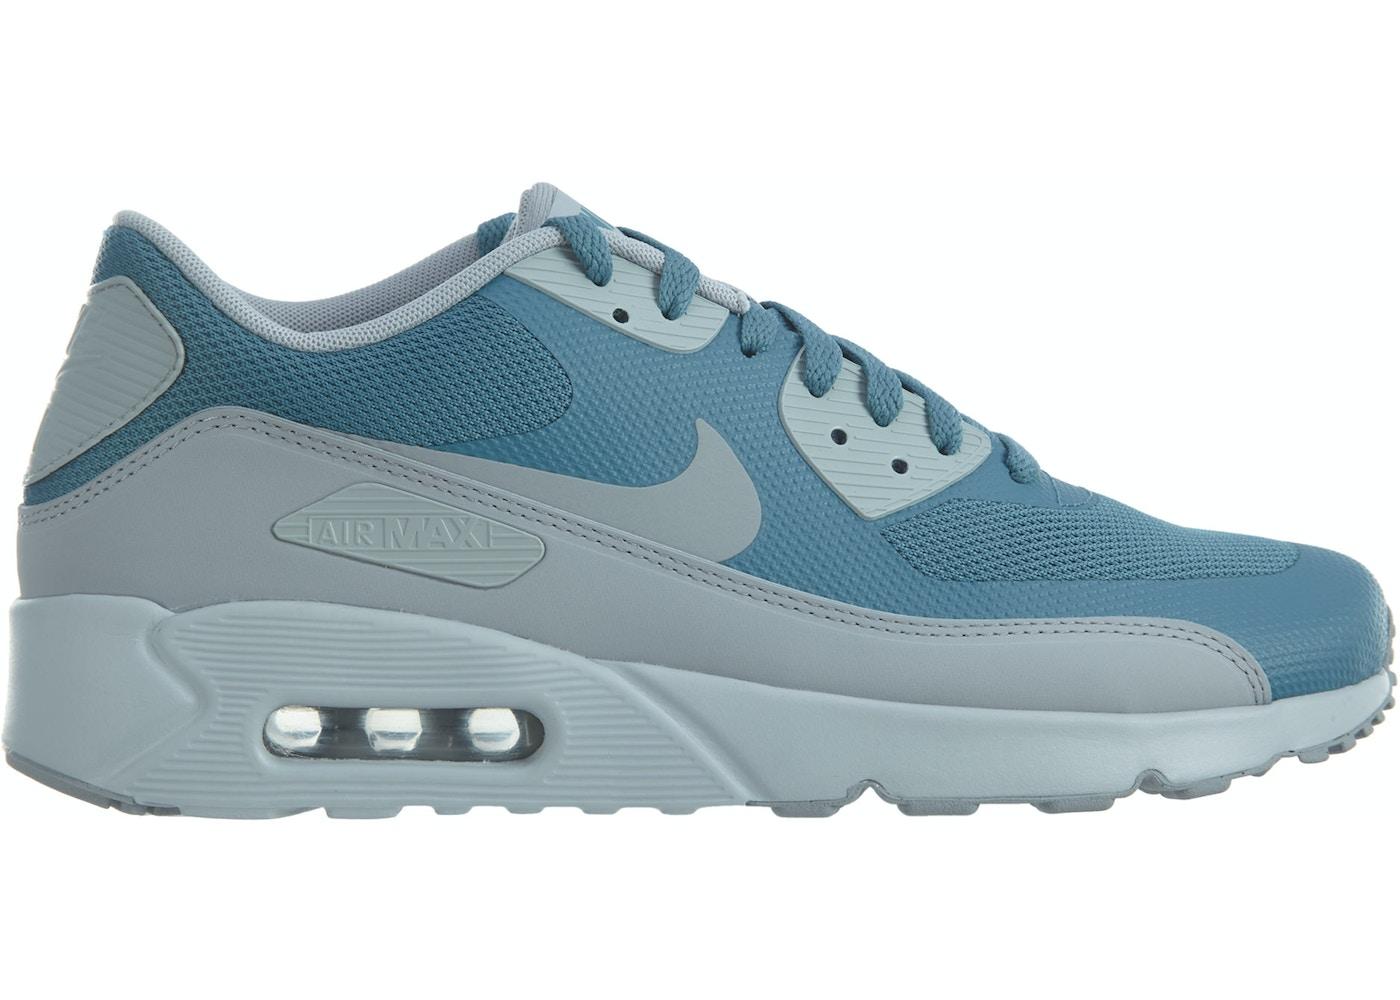 Nike Air Max 90 Ultra 2.0 Essential Smokey Blue Wolf Grey - 875695-001 5ecfb48710